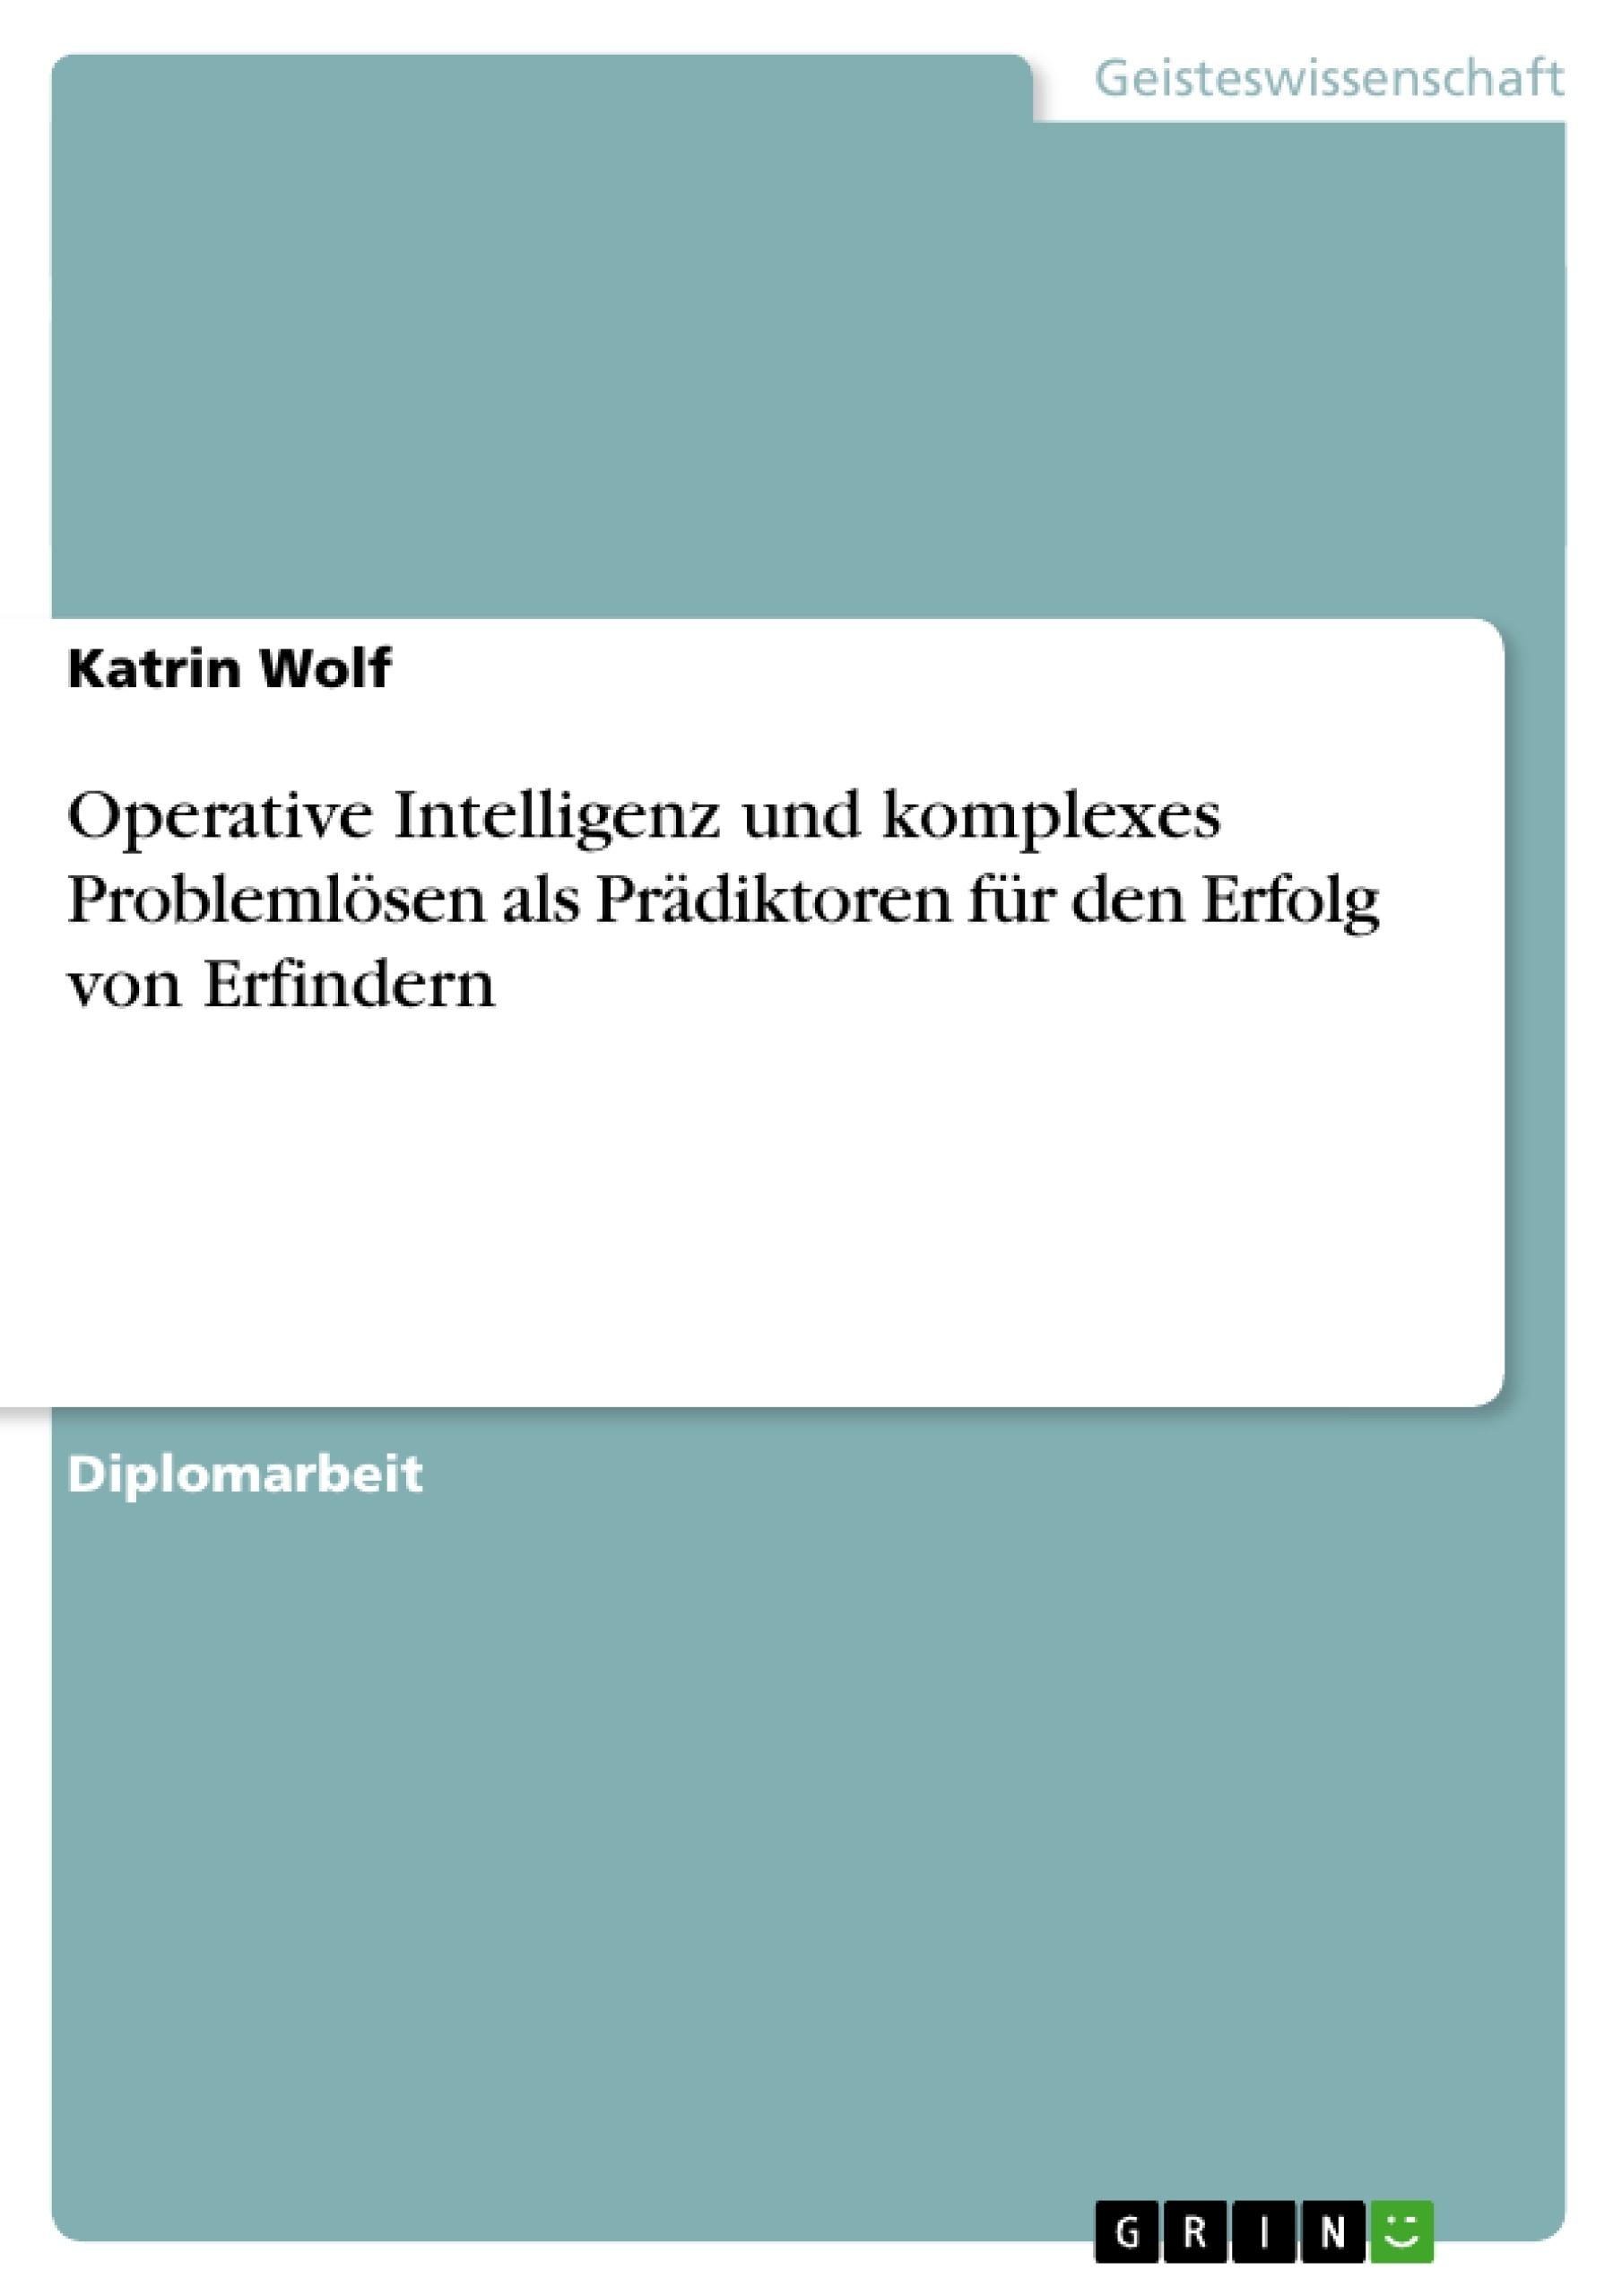 Titel: Operative Intelligenz und komplexes Problemlösen als Prädiktoren für den Erfolg von Erfindern